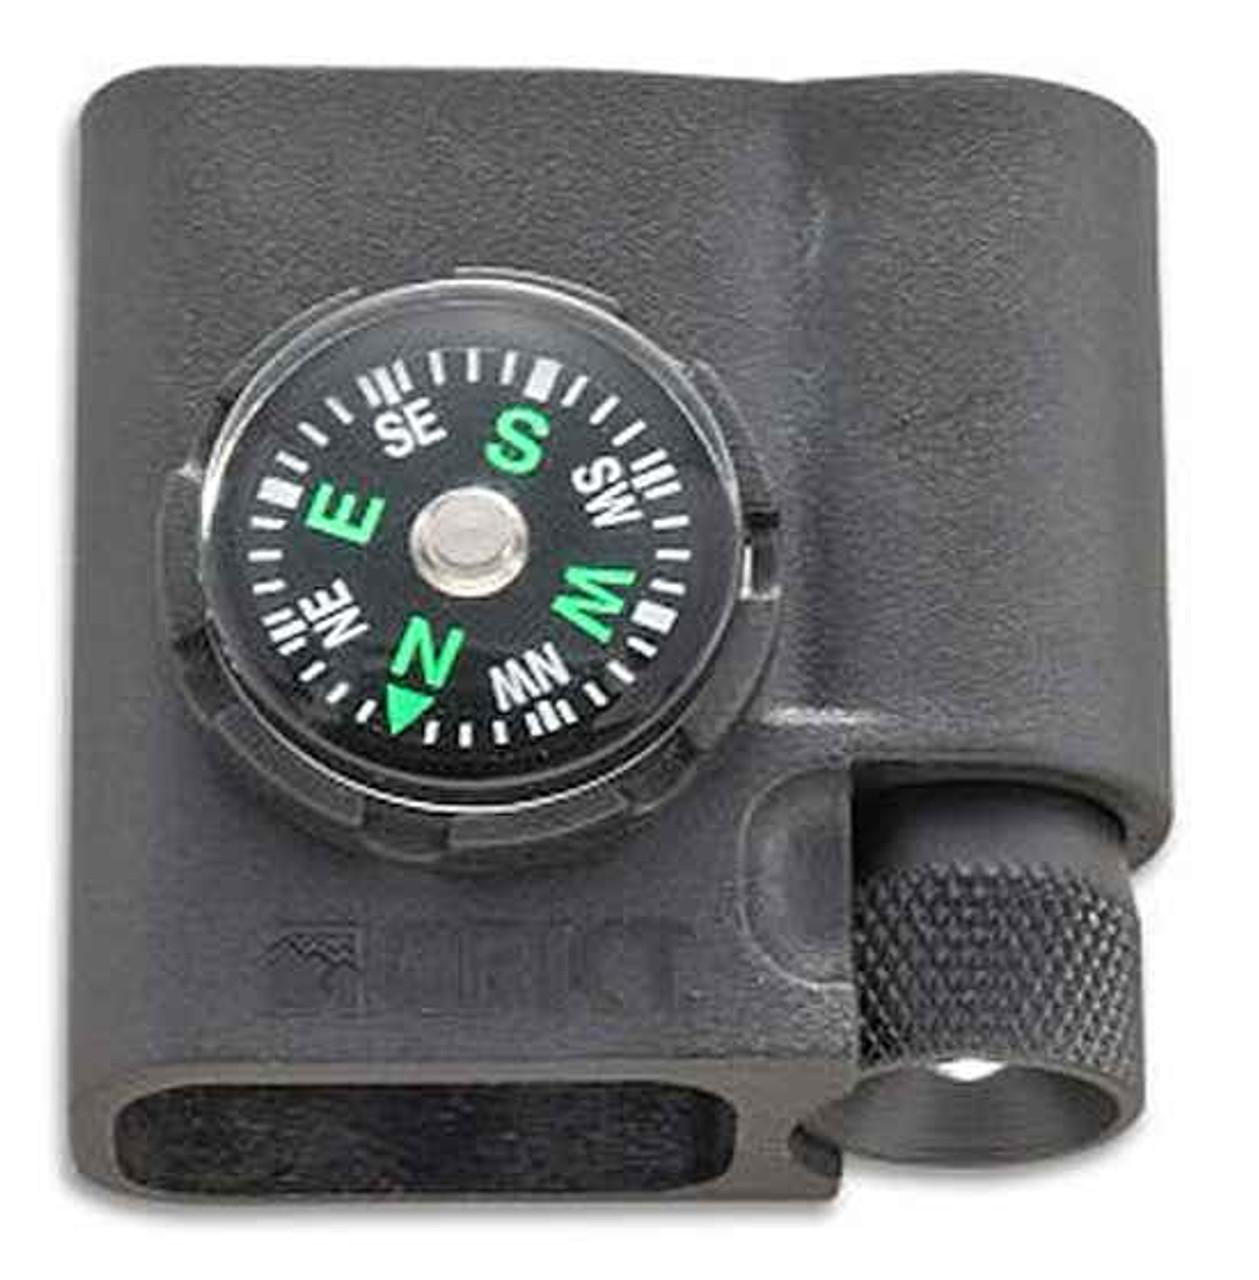 CRKT 9700 Paracord Bracelet Accessory-Compass & LED Light